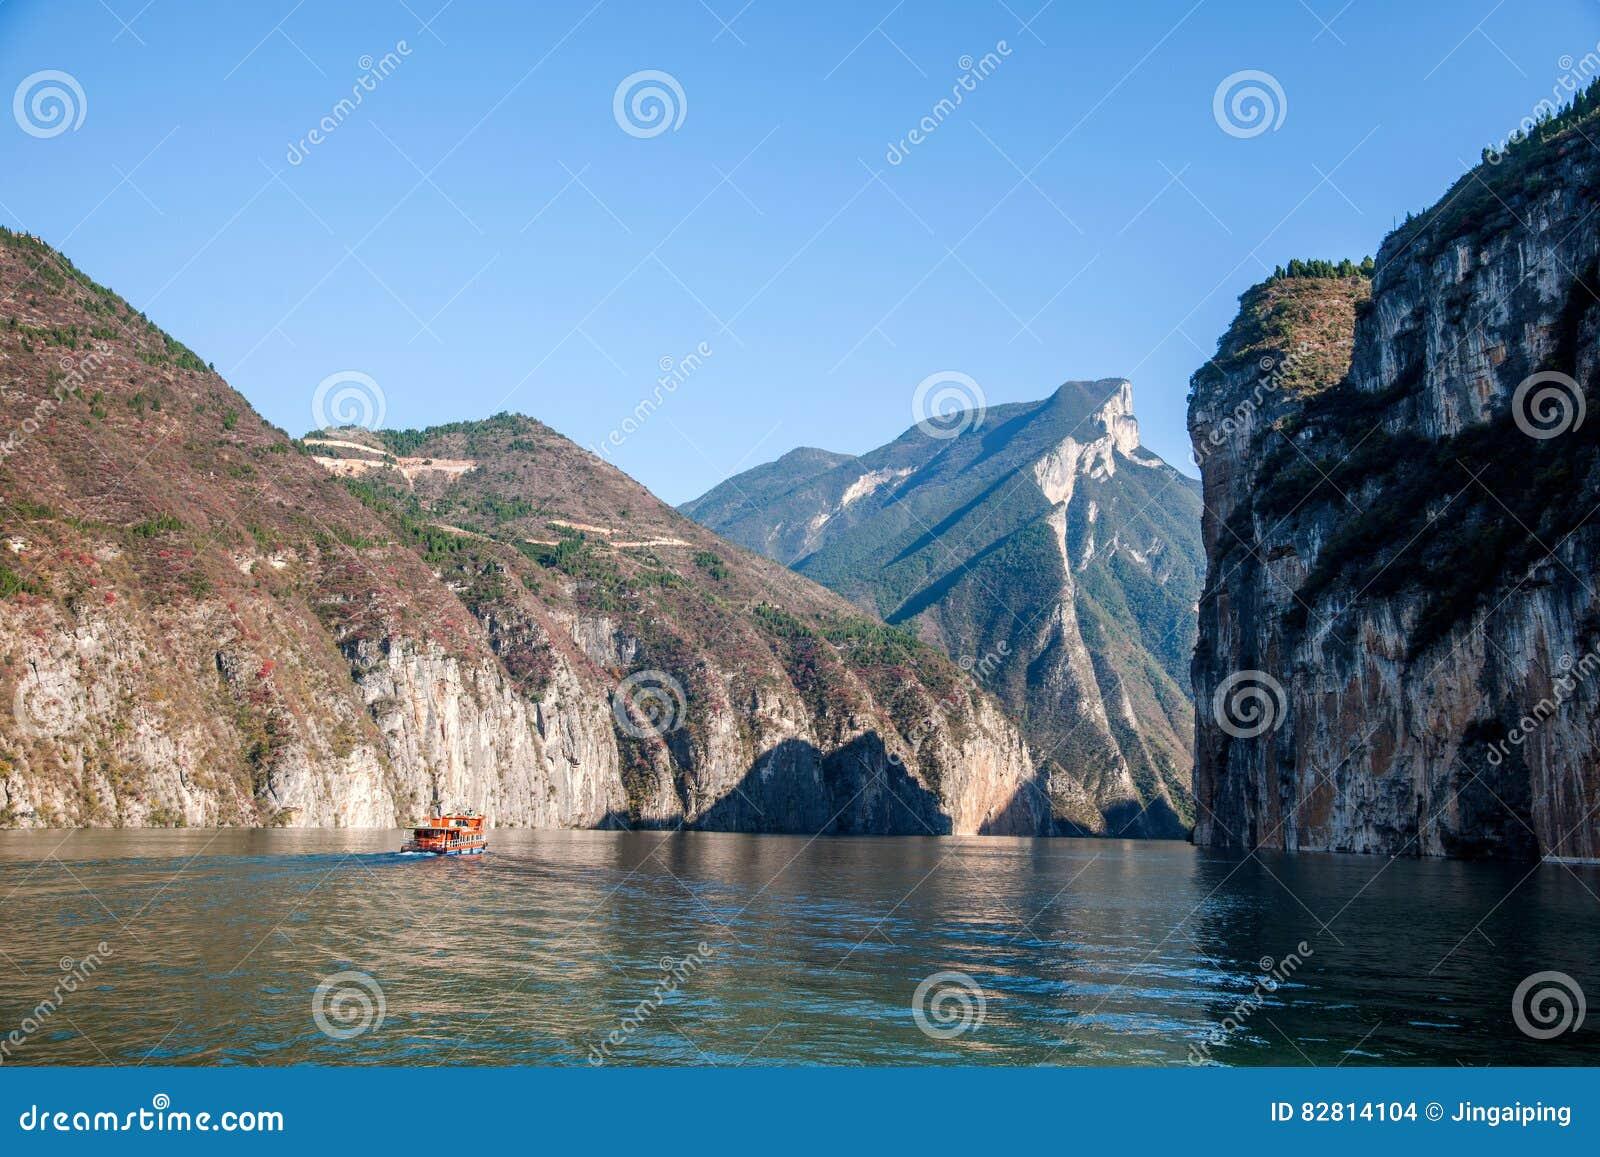 Three Gorges ущелья Рекы Янцзы Qutangxia